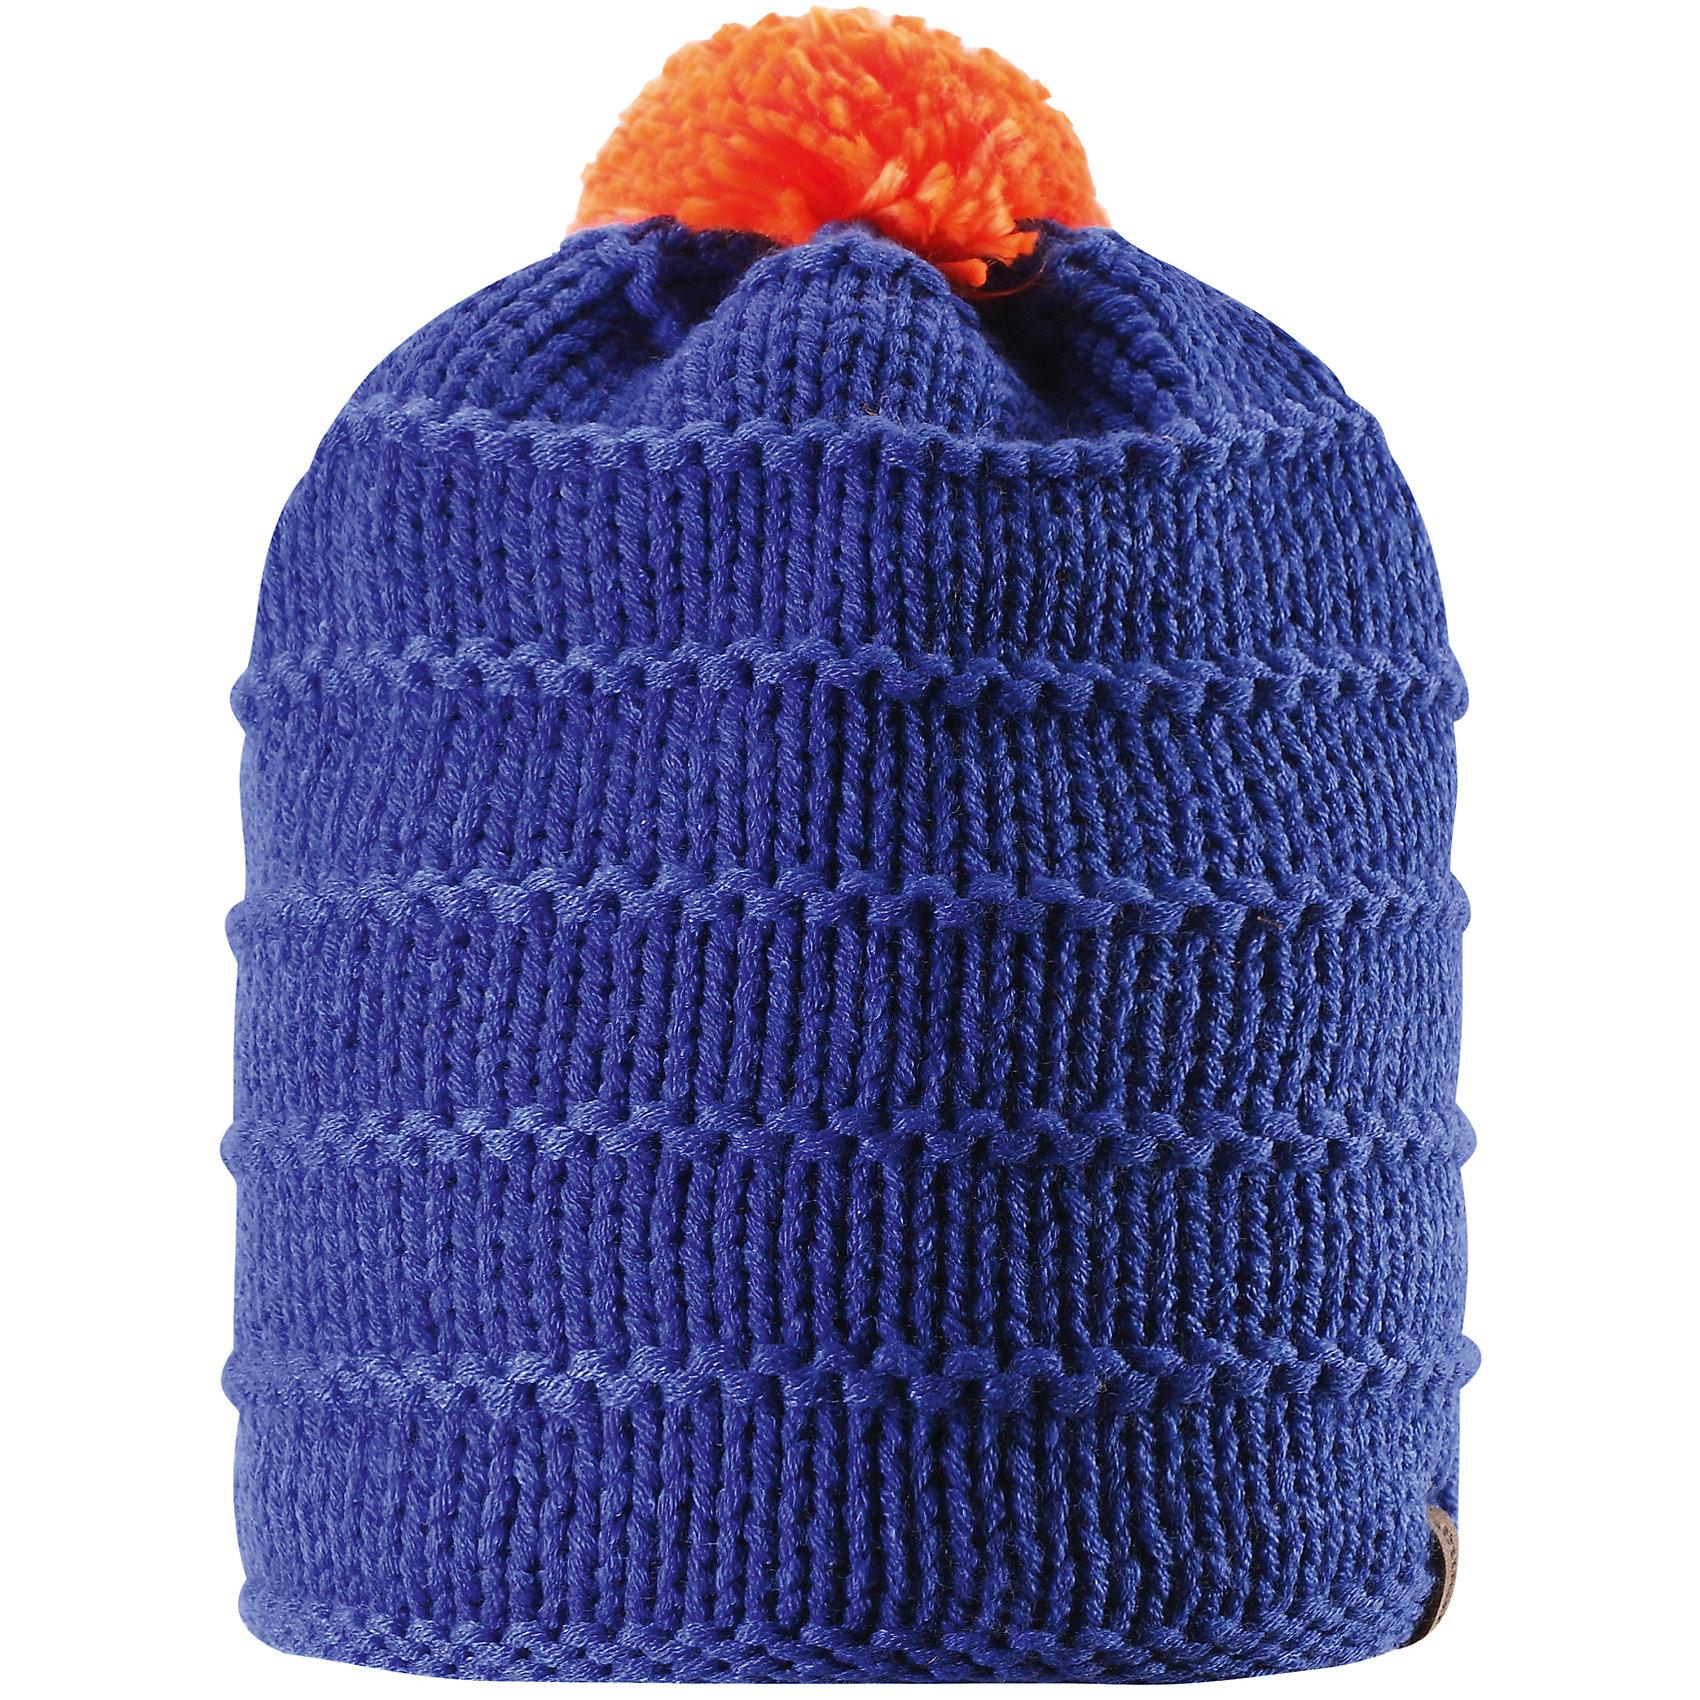 Шапка для мальчика ReimaШапки и шарфы<br>Эта зимняя детская шапка из тёплой, толстой, высококачественной акриловой пряжи станет модным выбором для зимних прогулок. В этой шапке с подкладкой из мягкого, тёплого флиса ребёнок не замёрзнет в холодные зимние месяцы. Простой в уходе акрил отлично контролирует температуру. Ветронепроницаемые вставки в области ушей защищают маленькие ушки от холодного ветра, поэтому маленьким искателям приключений будет тепло и комфортно. Уютная модель весёлой расцветки легко сочетается с разной одеждой, а помпон контрастного цвета делает образ неповторимым.<br><br>Дополнительная информация:<br><br>Зимняя шапка для детей и подростков<br>Тёплая, толстая, высококачественная пряжа<br>Мягкая, тёплая подкладки из флиса<br>Ветронепроницаемые вставки в области ушей<br>Состав: 100% акрил<br><br>Шапку для мальчика от популярного финского бренда Reima можно купить в нашем магазине.<br><br>Ширина мм: 89<br>Глубина мм: 117<br>Высота мм: 44<br>Вес г: 155<br>Цвет: синий<br>Возраст от месяцев: 96<br>Возраст до месяцев: 120<br>Пол: Мужской<br>Возраст: Детский<br>Размер: 56,58,52,54<br>SKU: 4417222